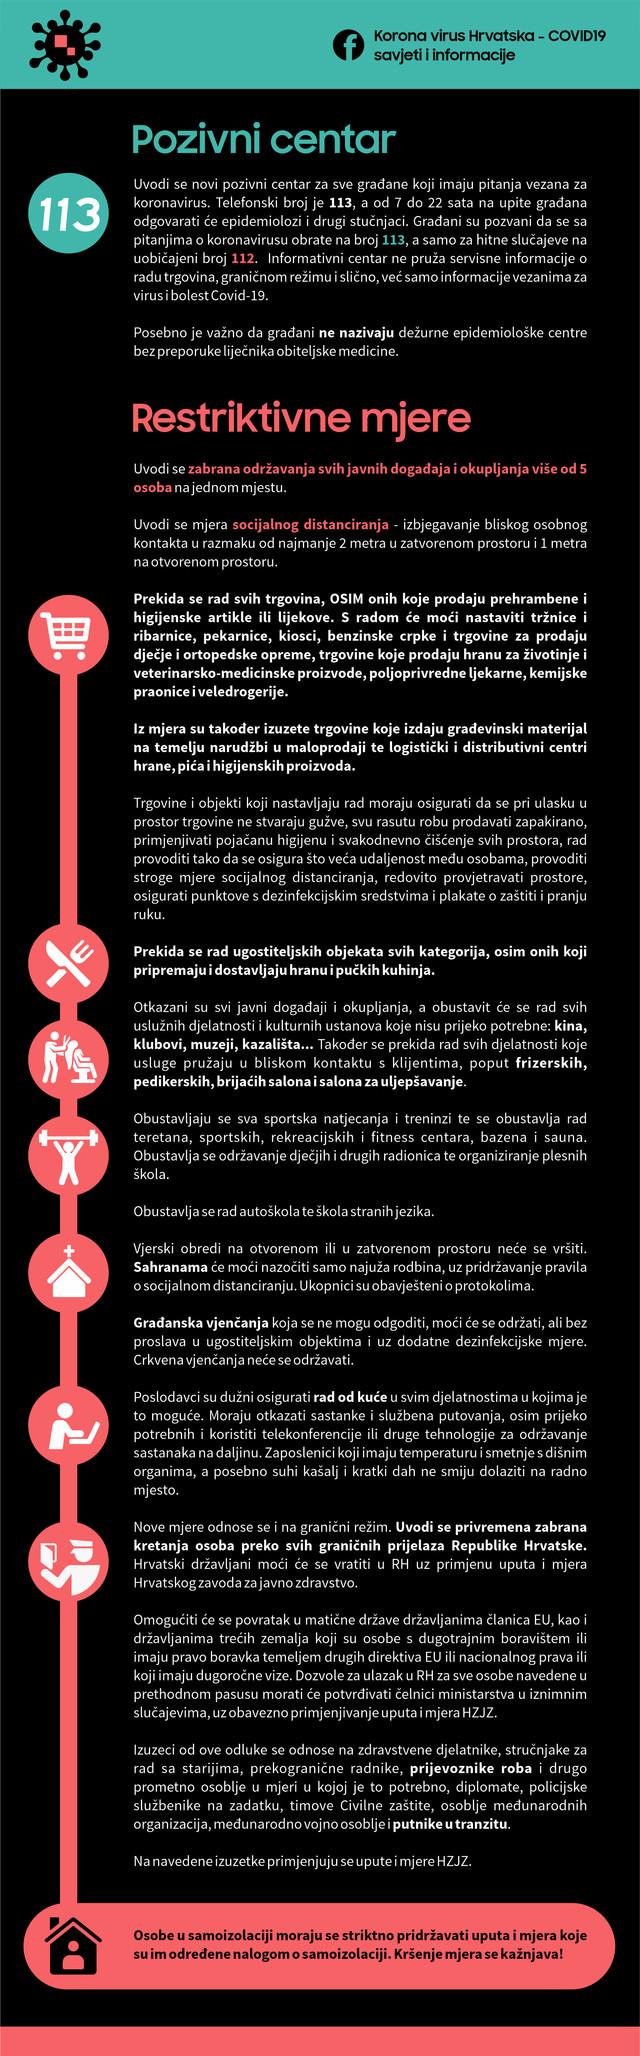 Restriktivne mjere Korona virus Hrvatska